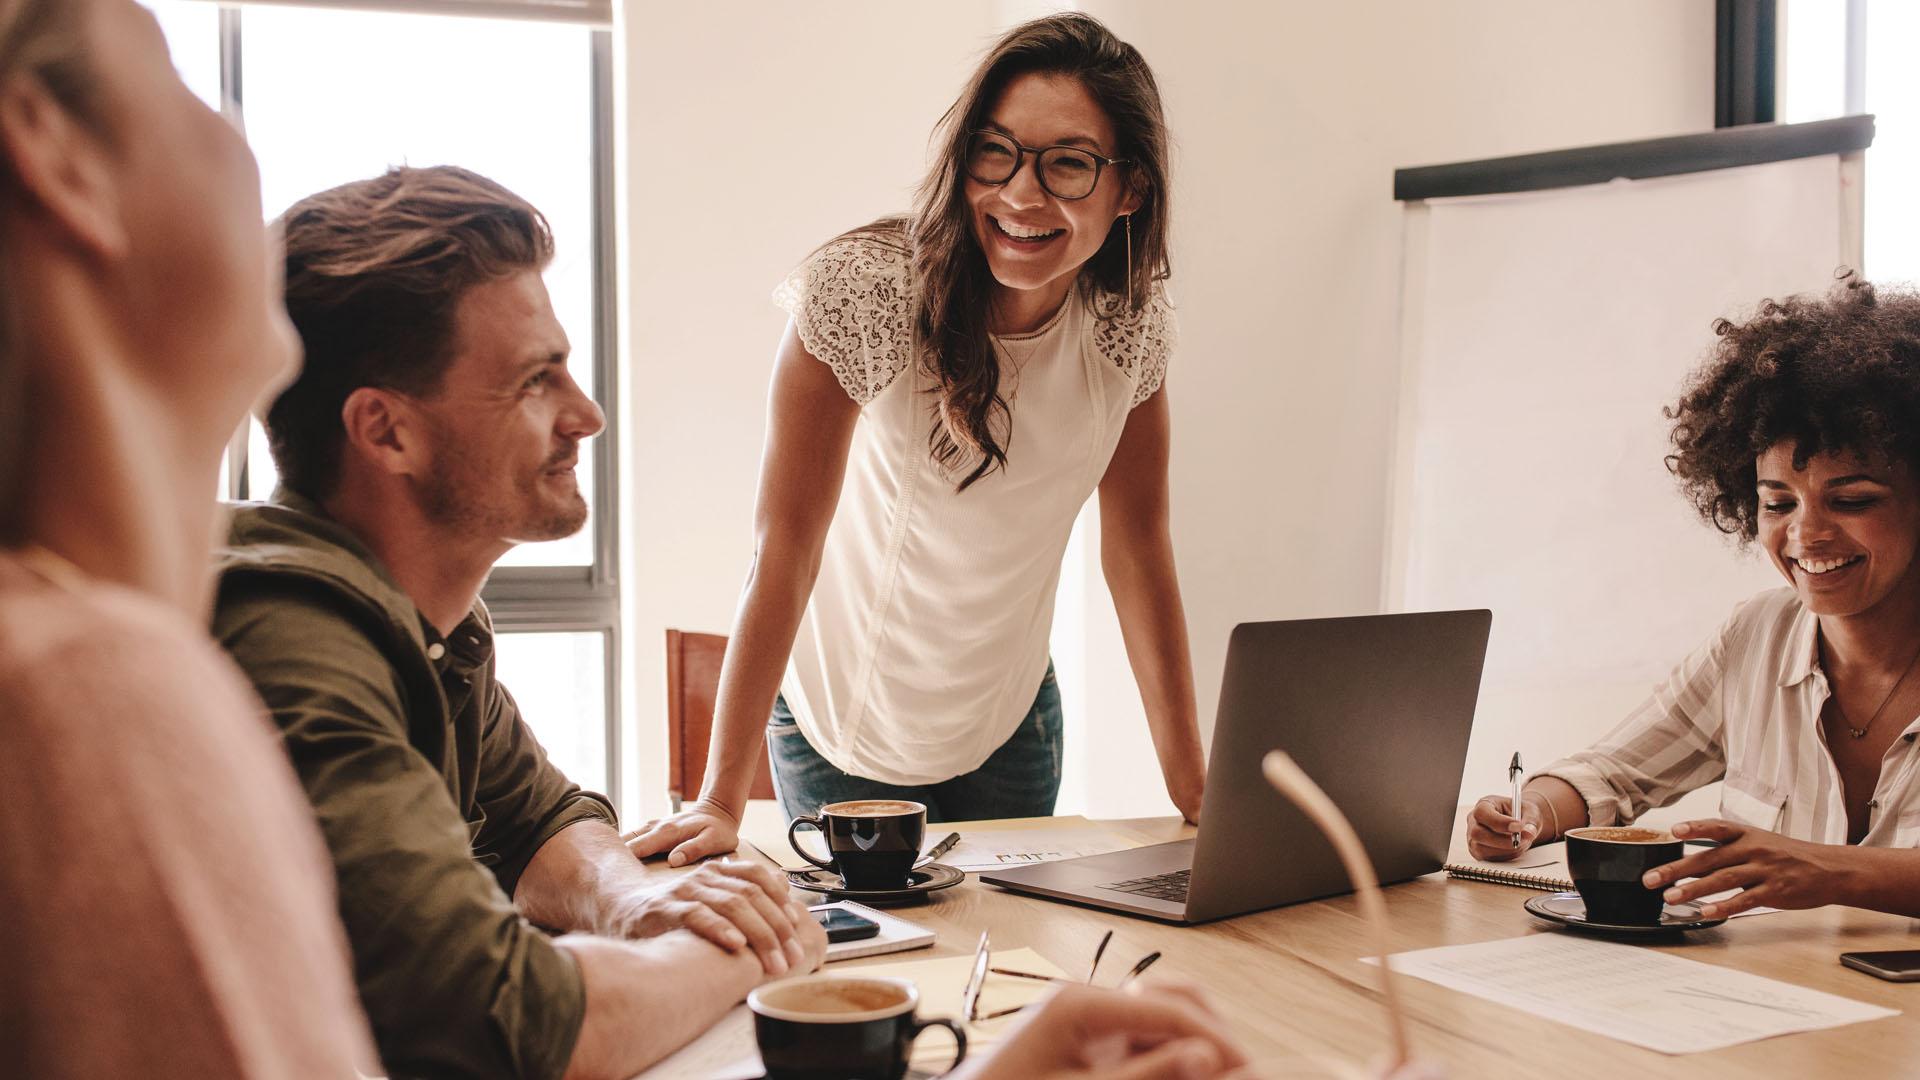 Como a liderança feminina pode transformar a sociedade e o universo corporativo